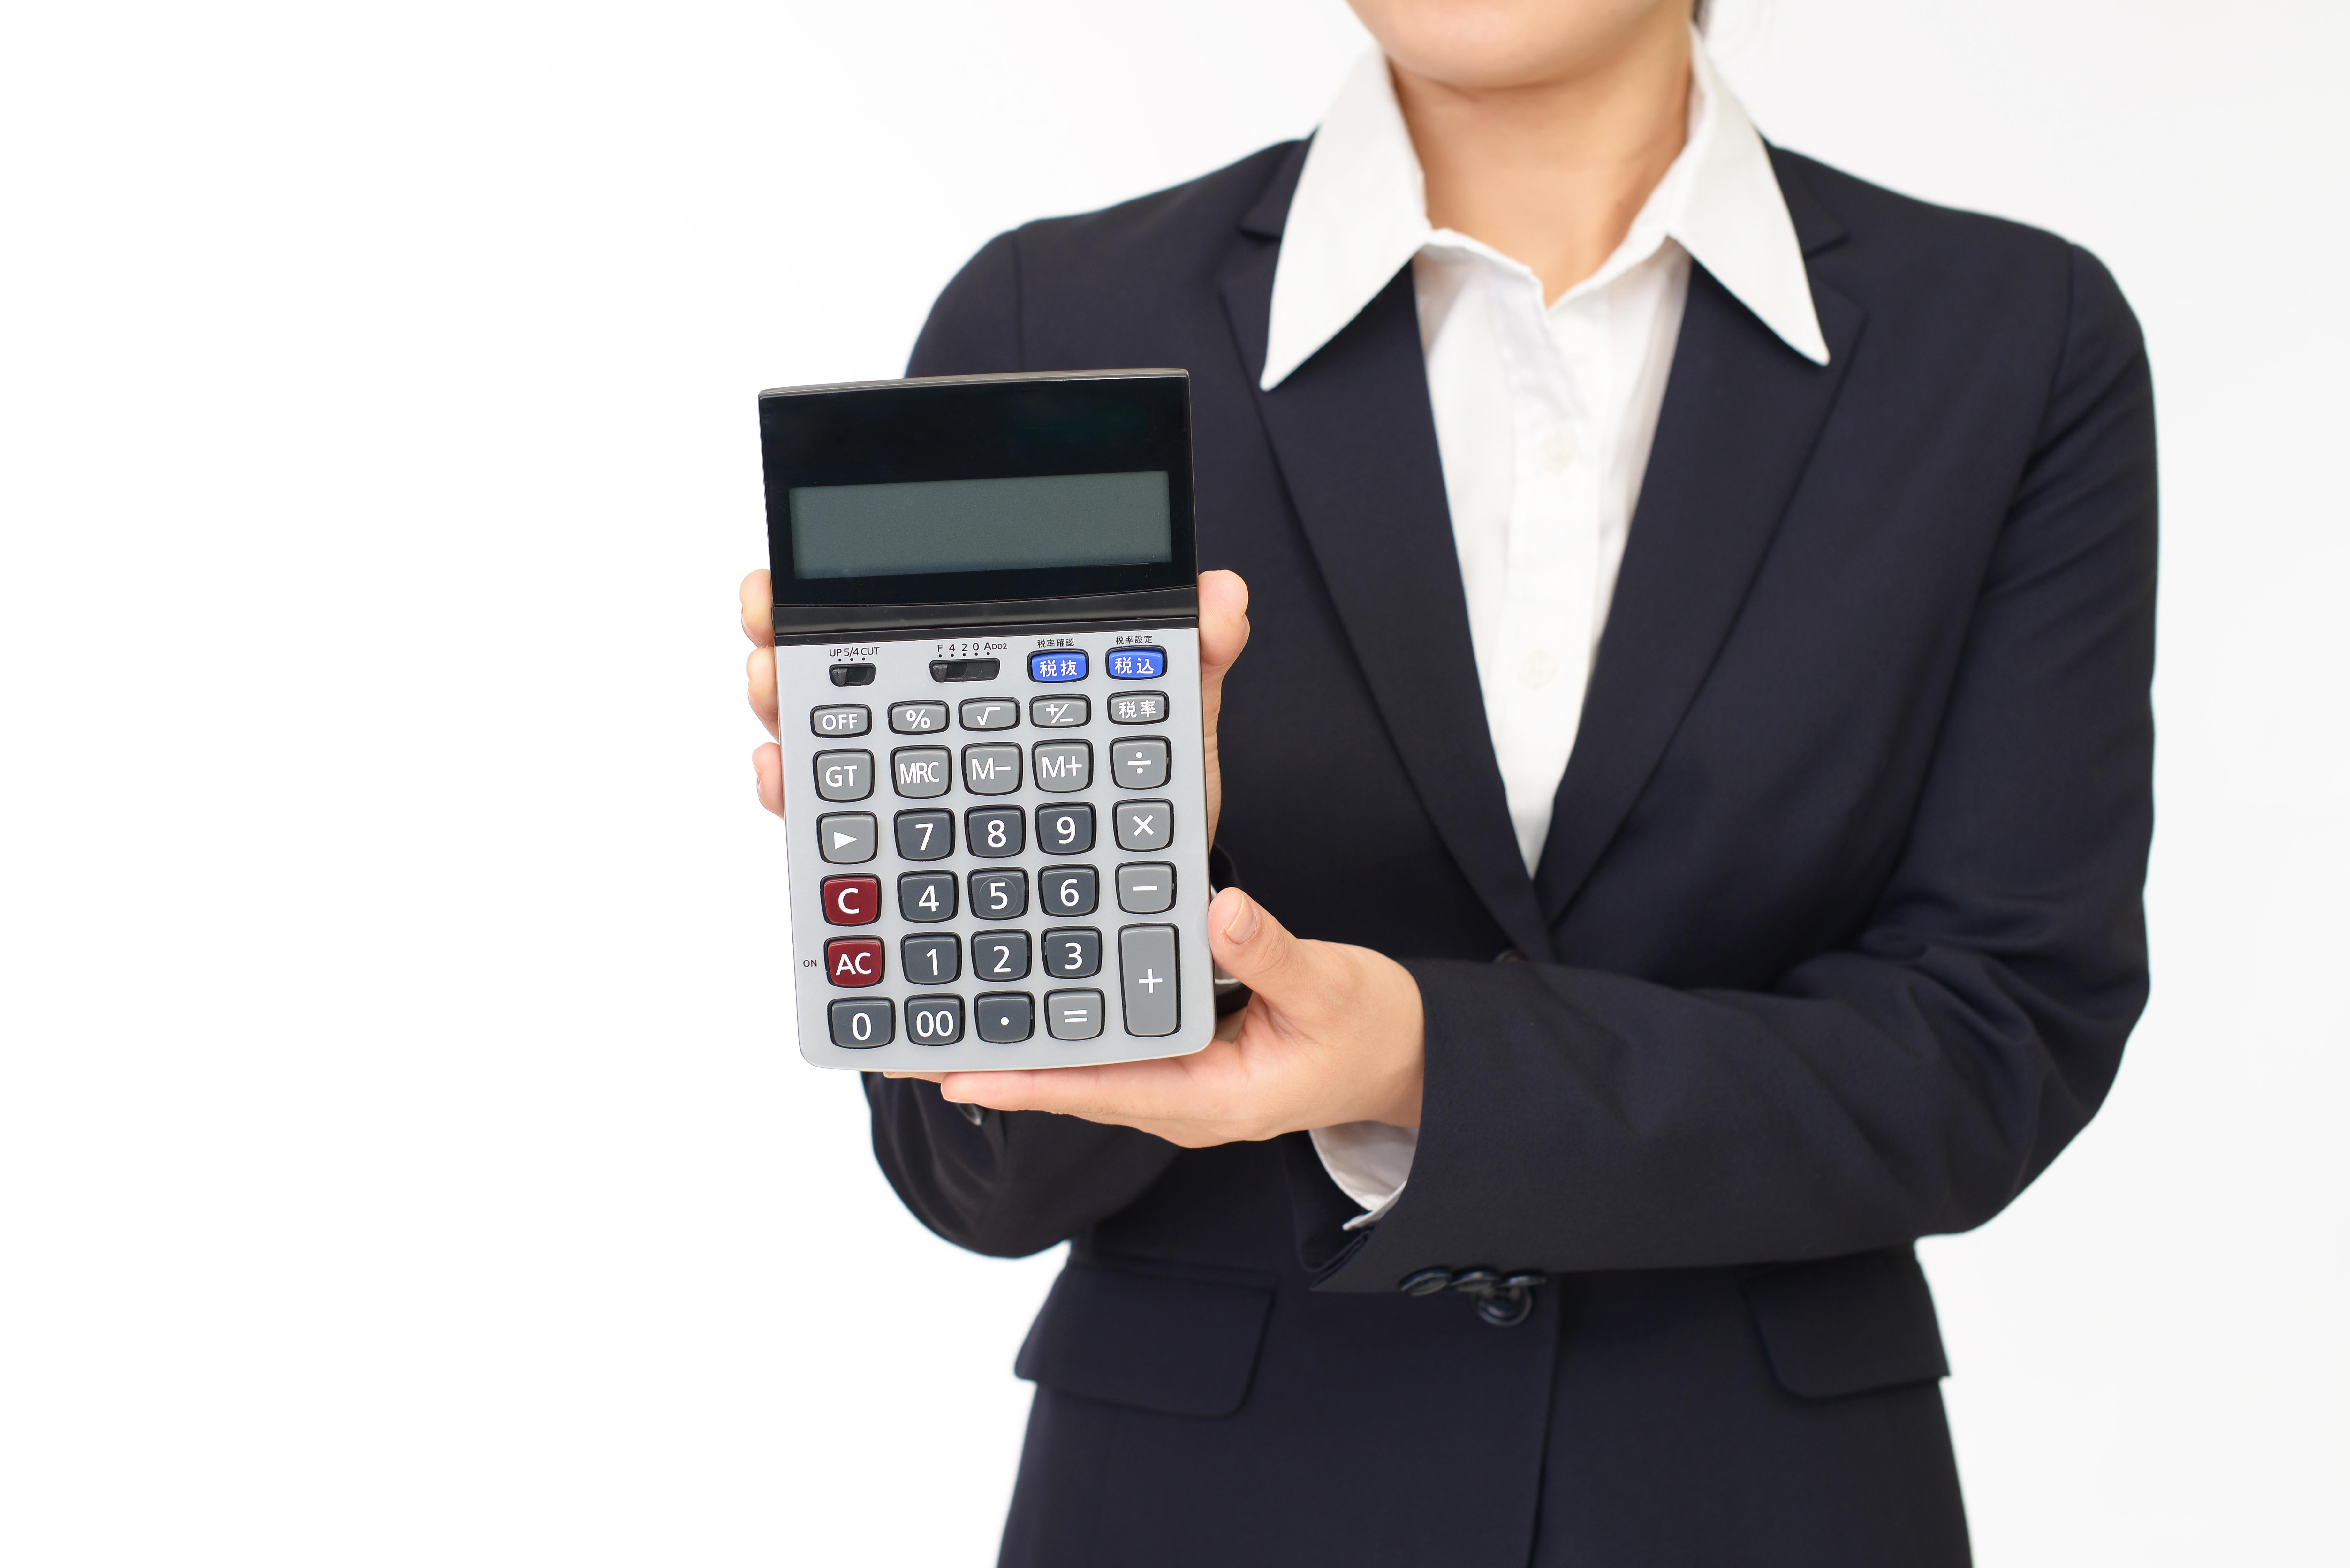 交通事故後の損害賠償もしくは慰謝料の金額を電卓で示す女性の写真